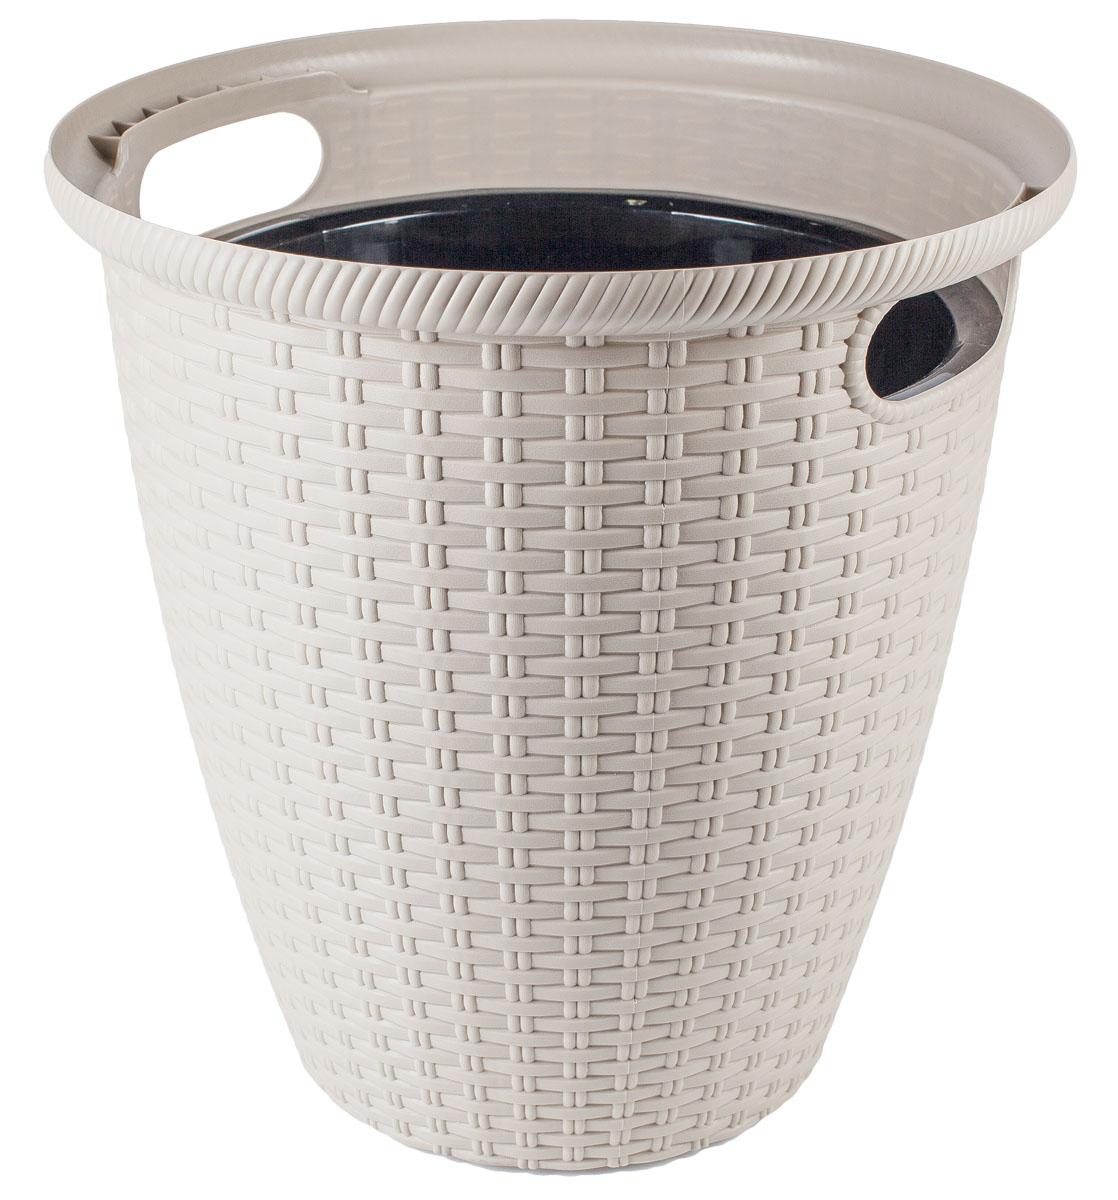 Кашпо InGreen Ротанг, напольное, цвет: слоновая кость, диаметр 32,8 смING50020АЙВКашпо InGreen Ротанг изготовлено из высококачественного пластика с плетеной текстурой. Такое кашпо прекрасно подойдет для выращивания растений и цветов в домашних условиях. Лаконичный дизайн впишется в интерьер любого помещения. Размер кашпо: 32,8 х 32,8 х 33 см.